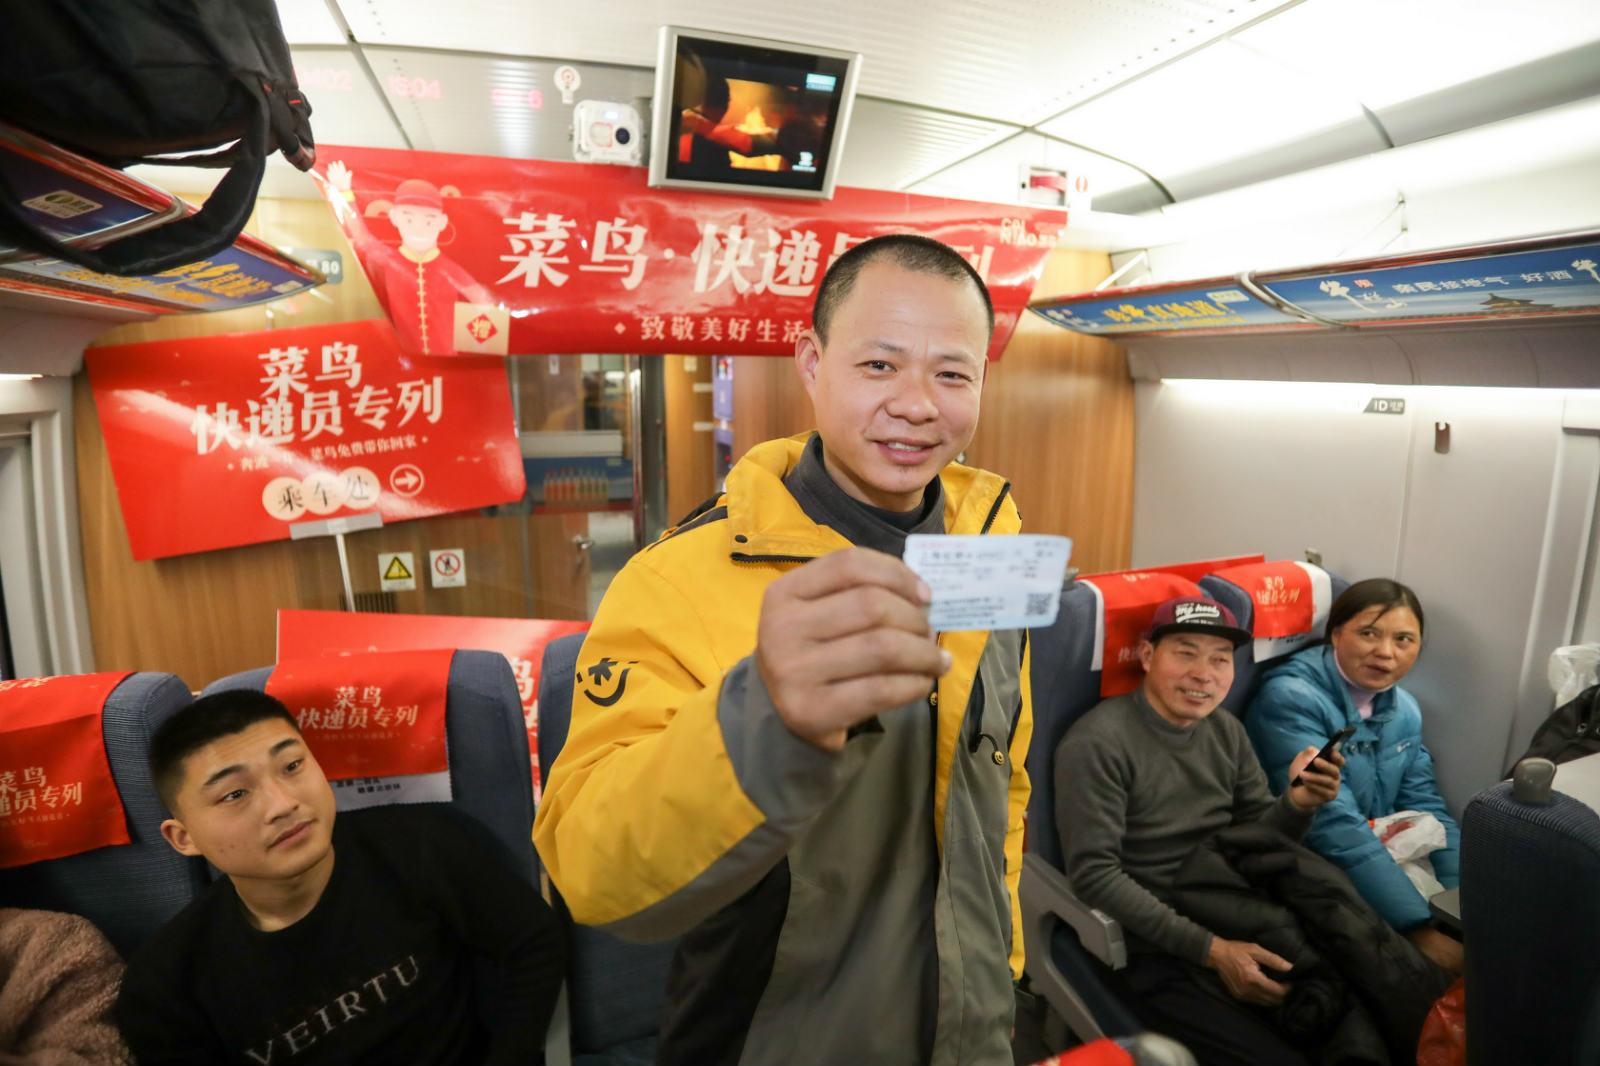 快递员免费乘坐菜鸟春运高铁专列回家3_meitu_3